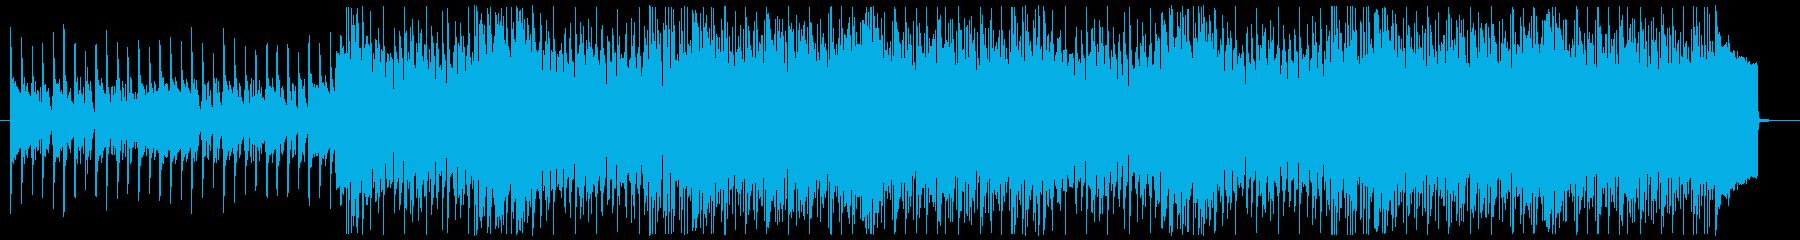 夜のチンピラをイメージしたロックの再生済みの波形